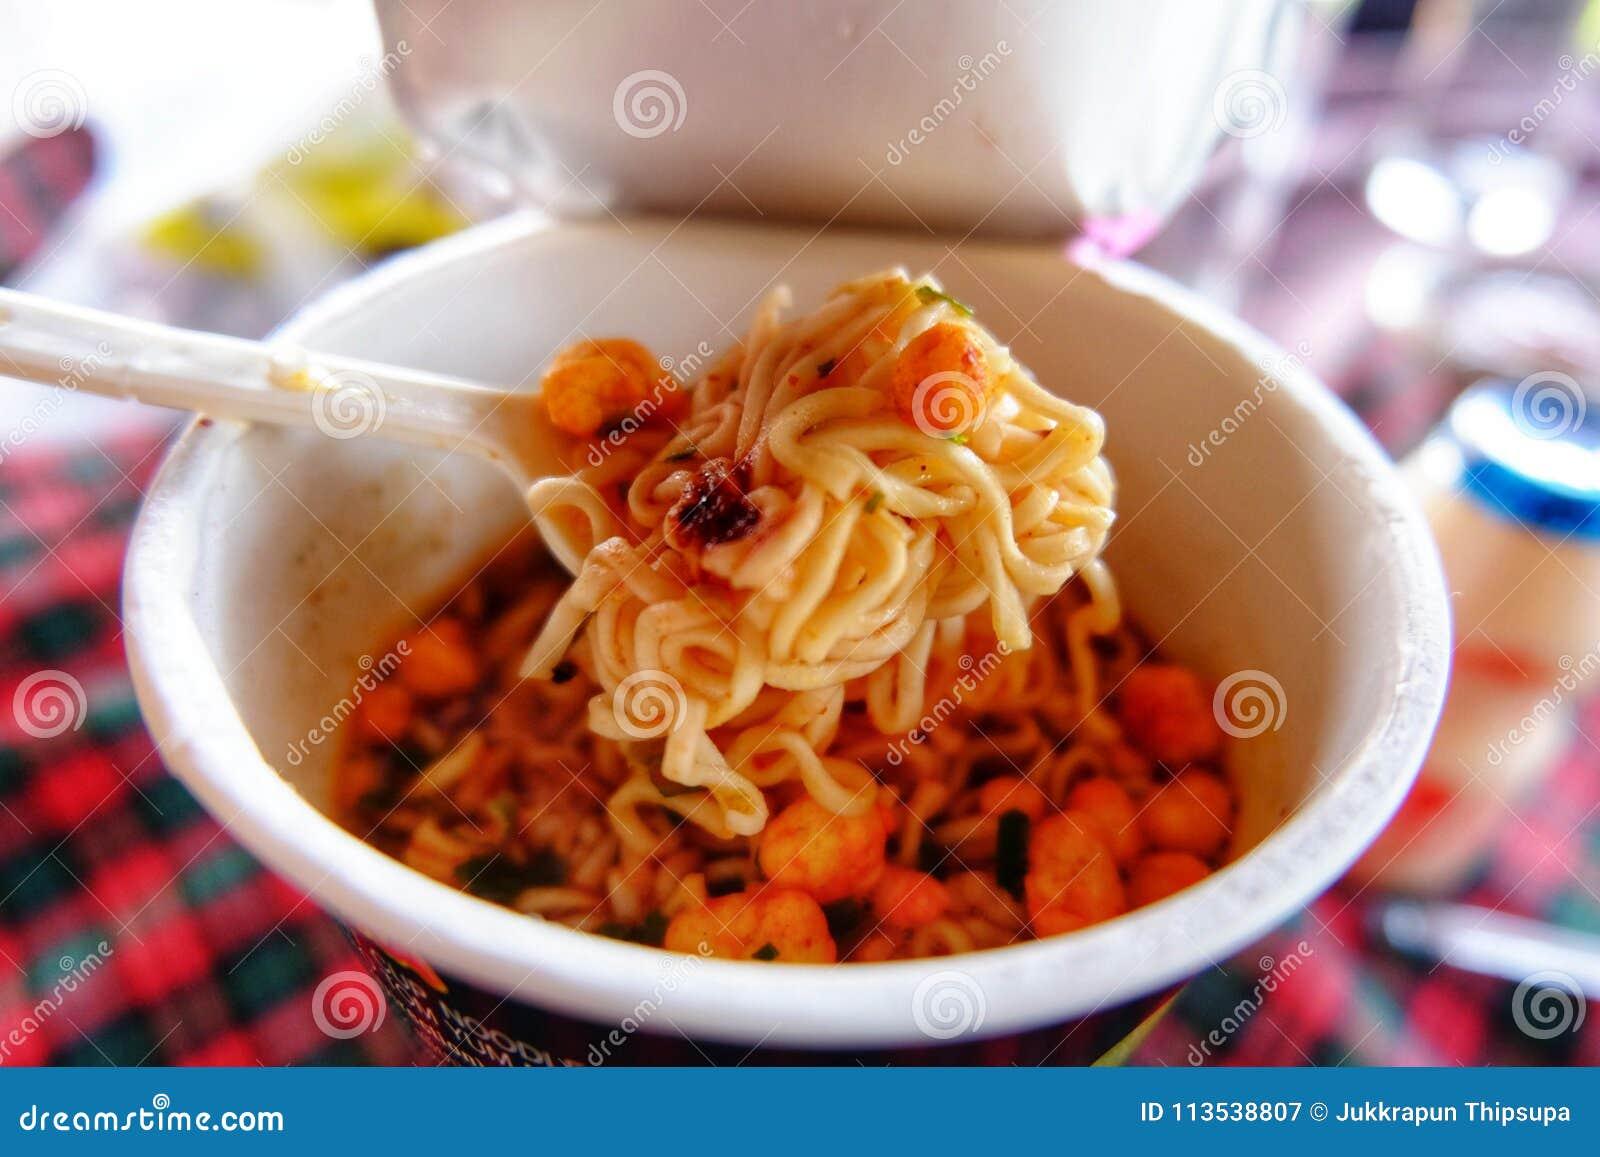 De noedelkop is het snelle voedsel van Azië, Droog versier op noedelkop